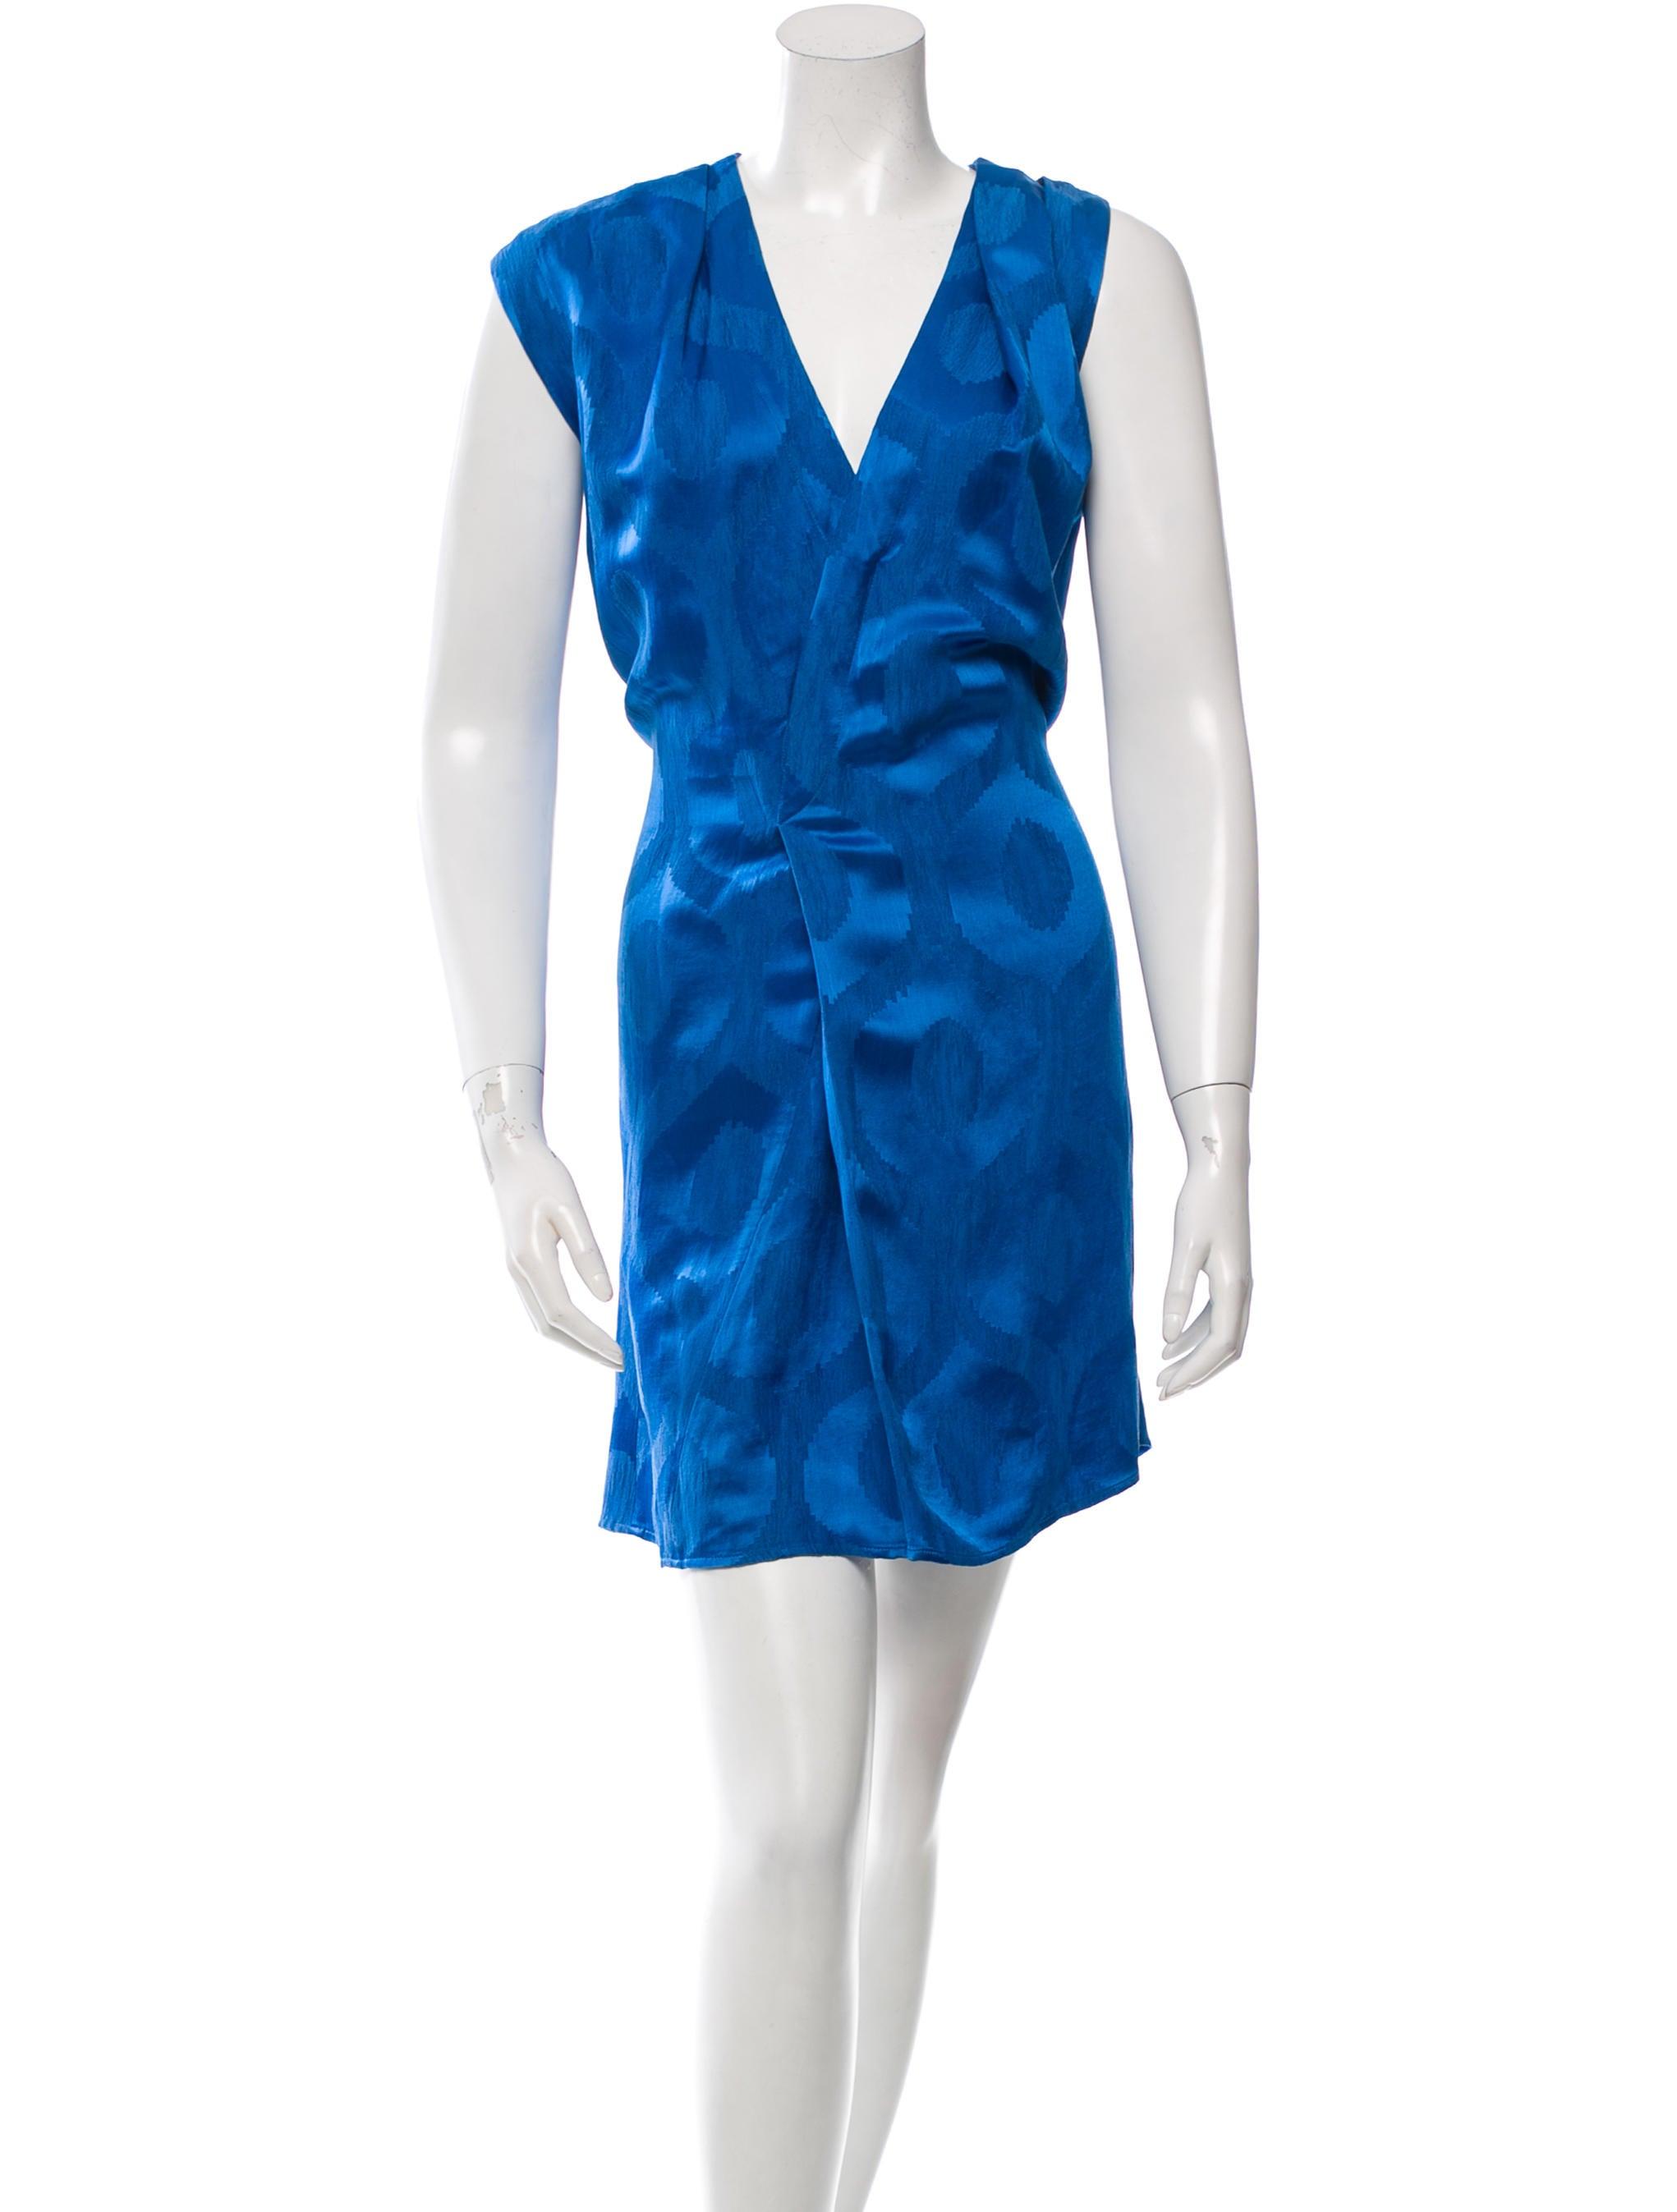 Isabel marant spring 2016 mini dress clothing isa35493 for Isabel marant shirt dress